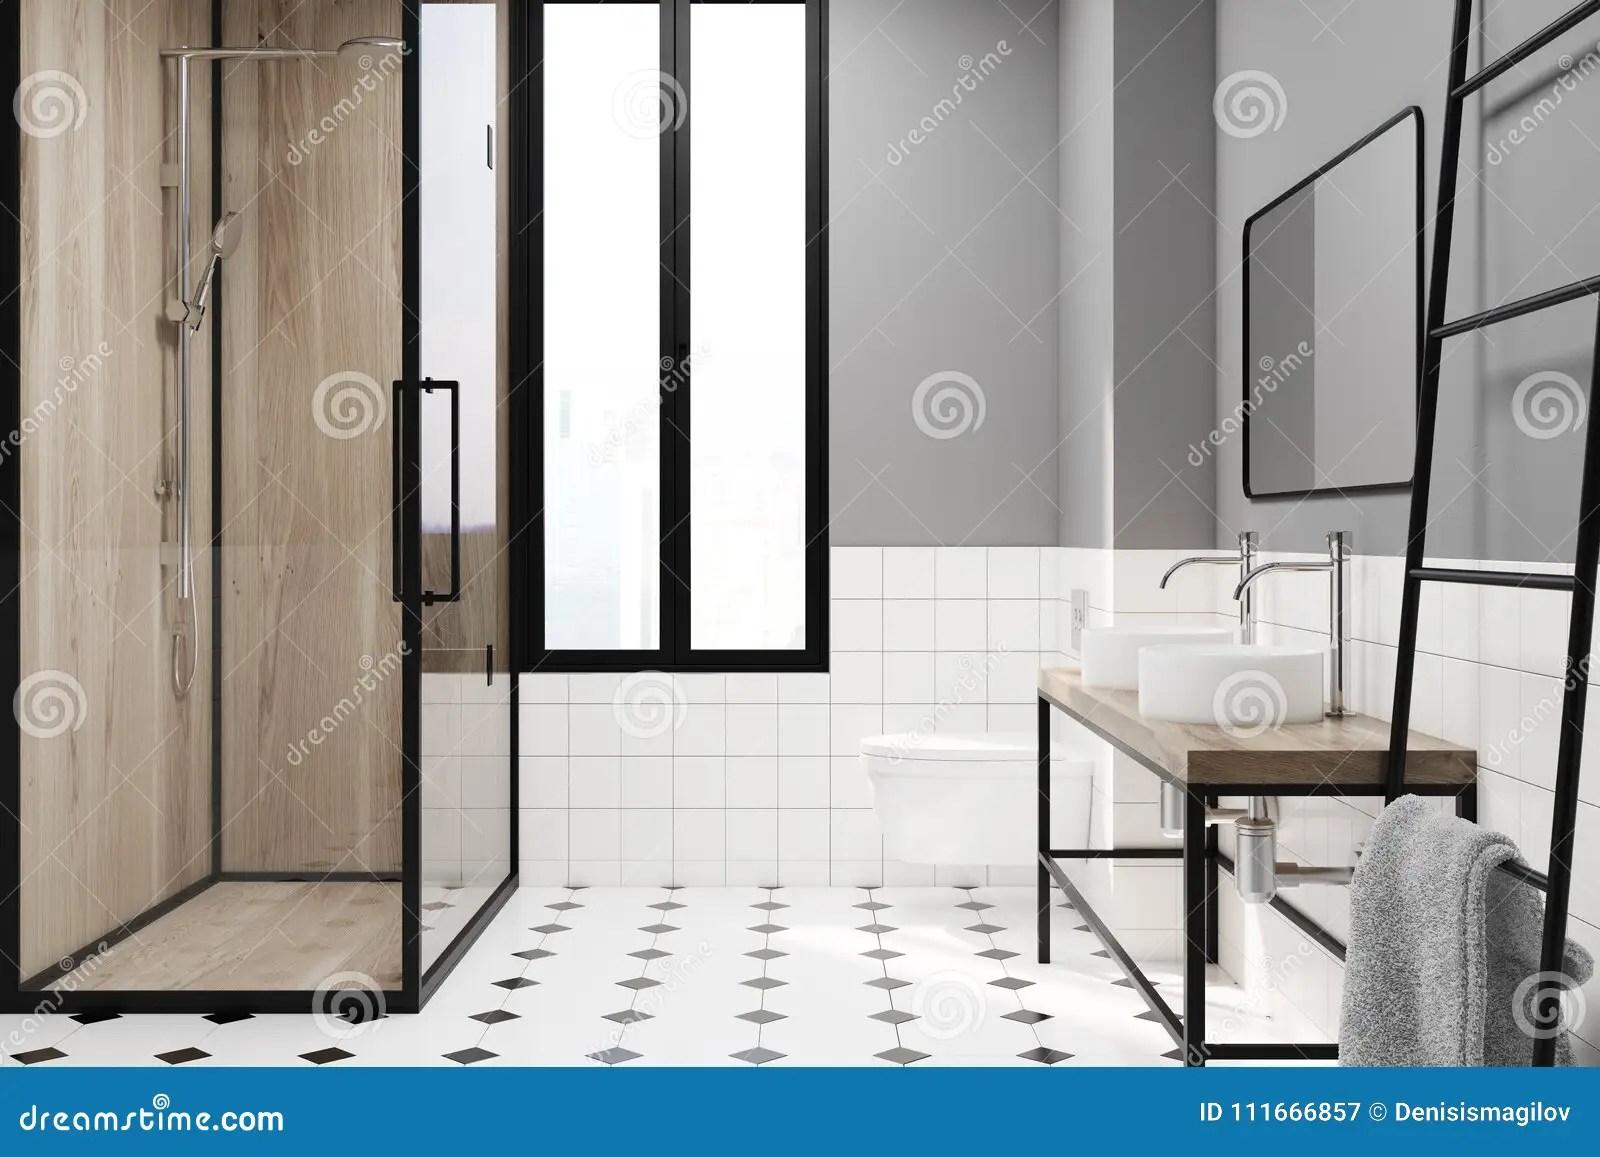 Idee Deco Salle De Bain Noir Et Blanc